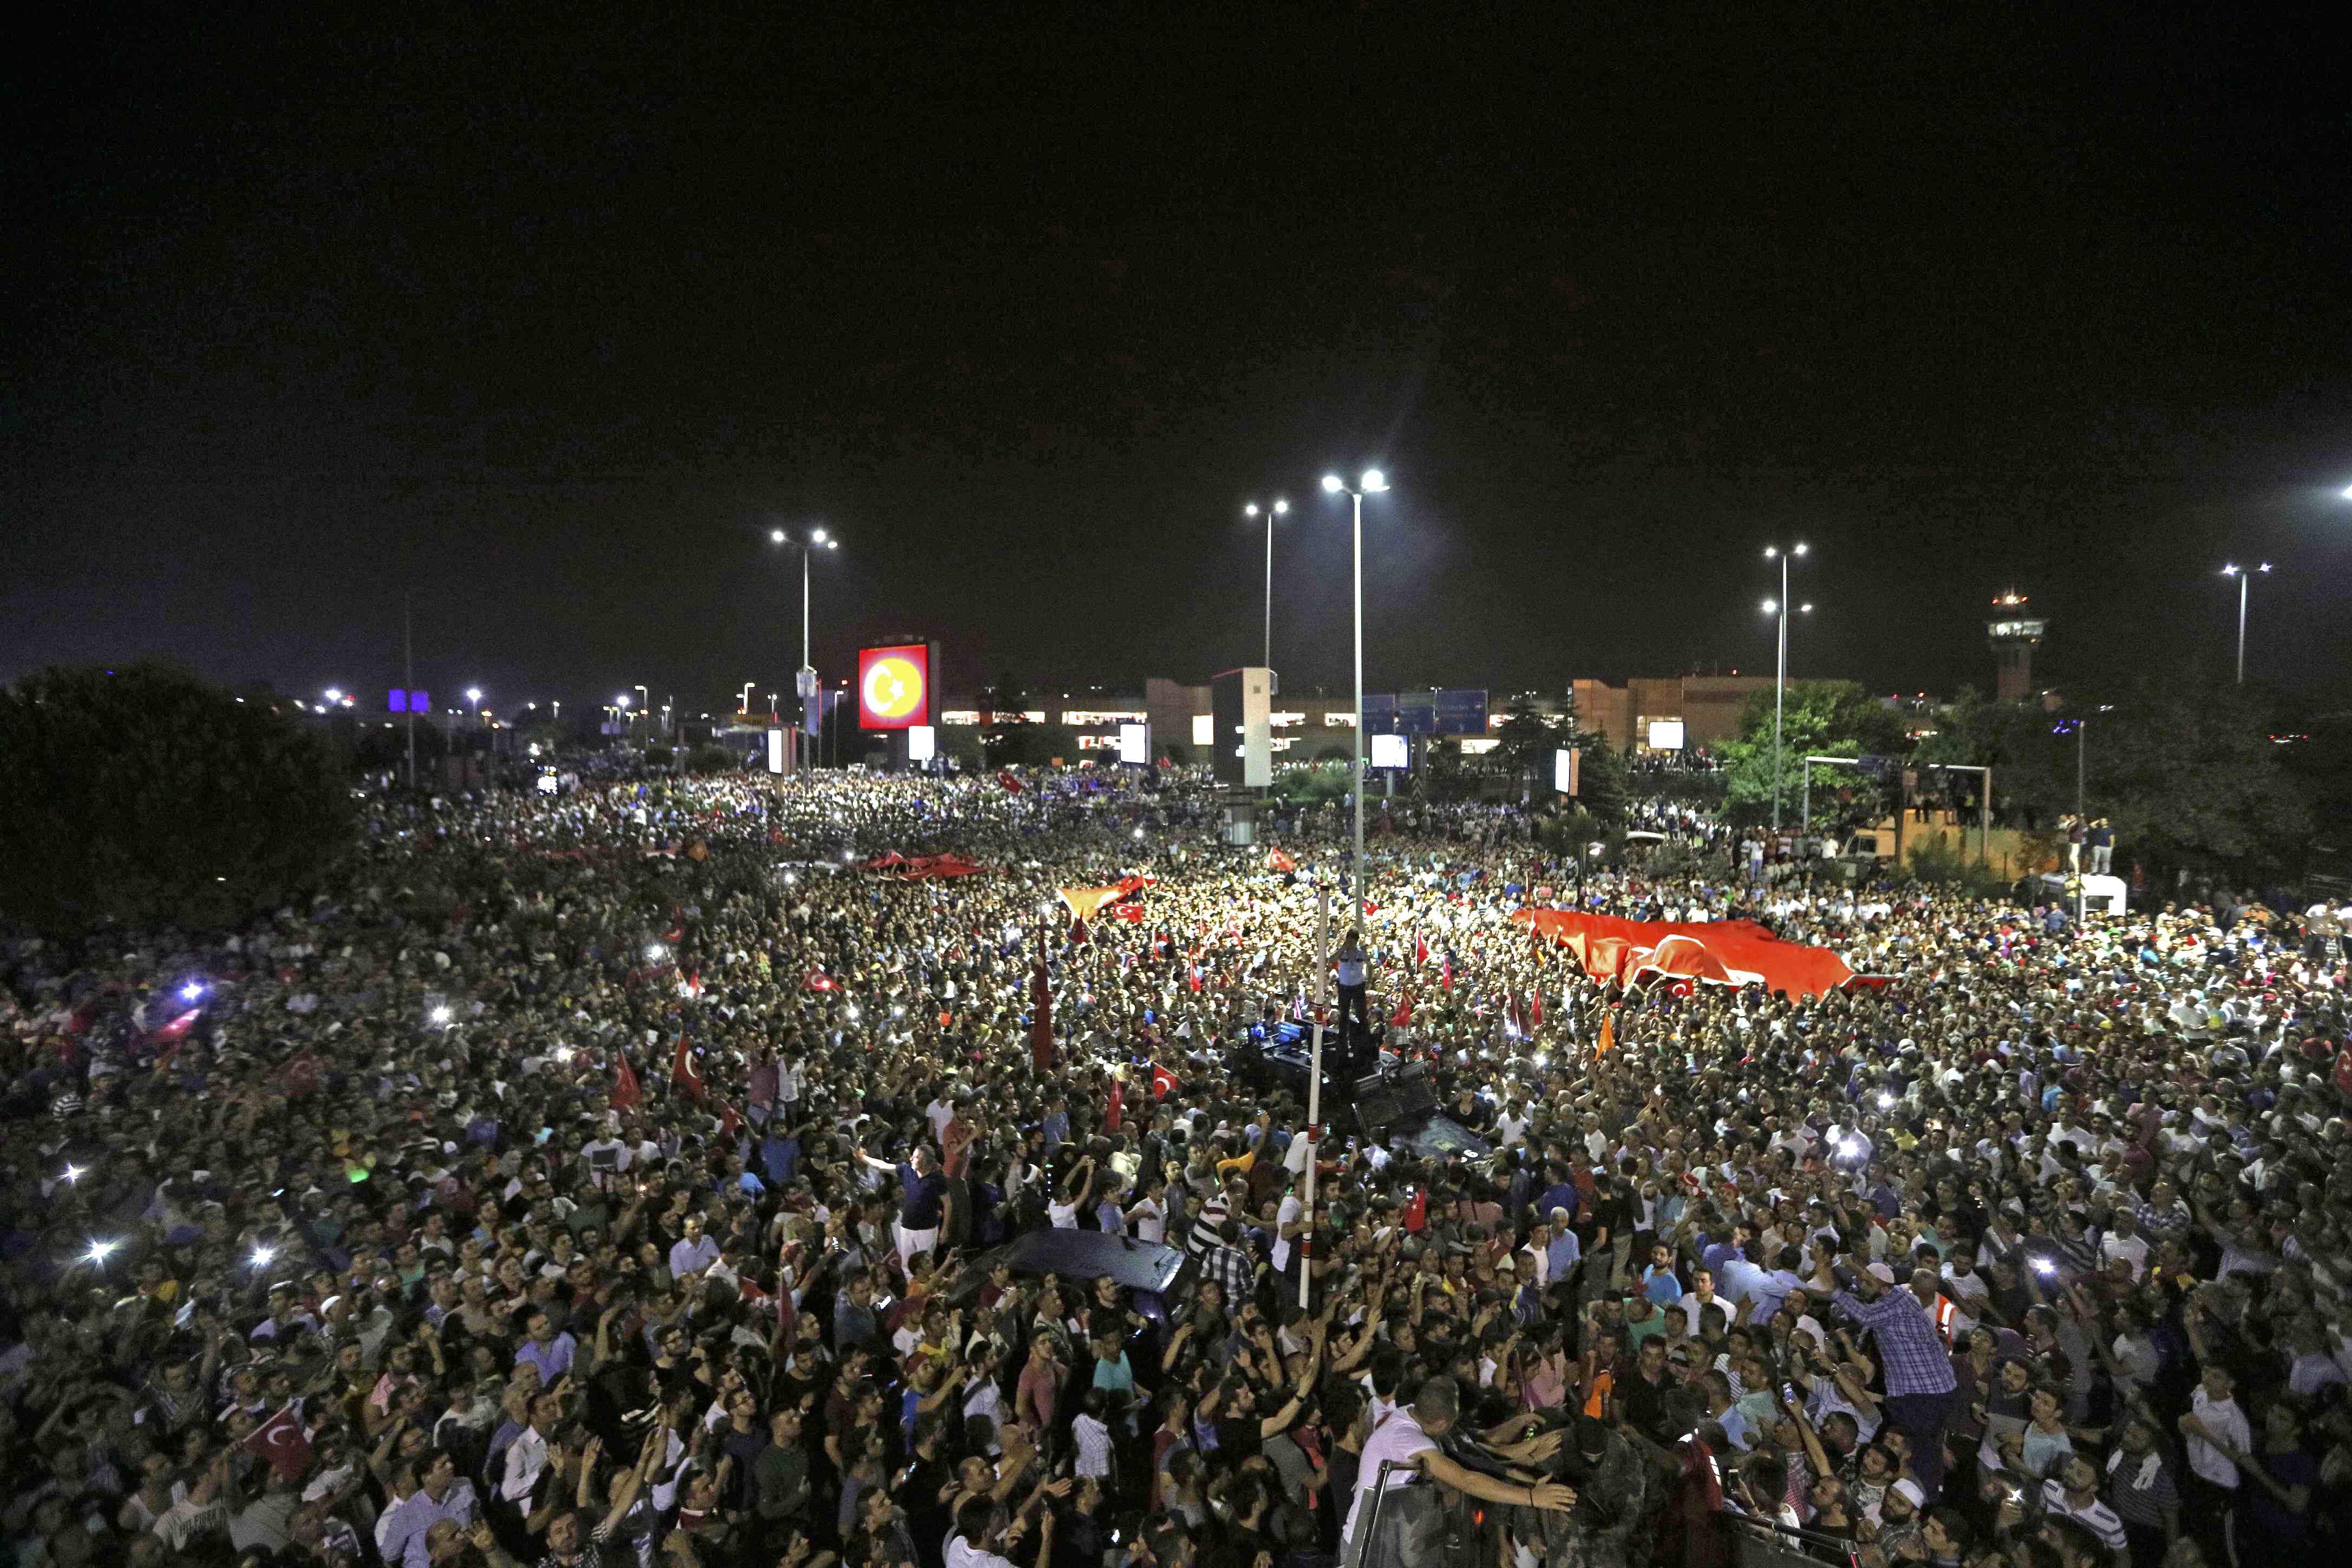 Тысячи людей собрались у аэропорта Ататюрка, чтобы встретить президента Фото: REUTERS